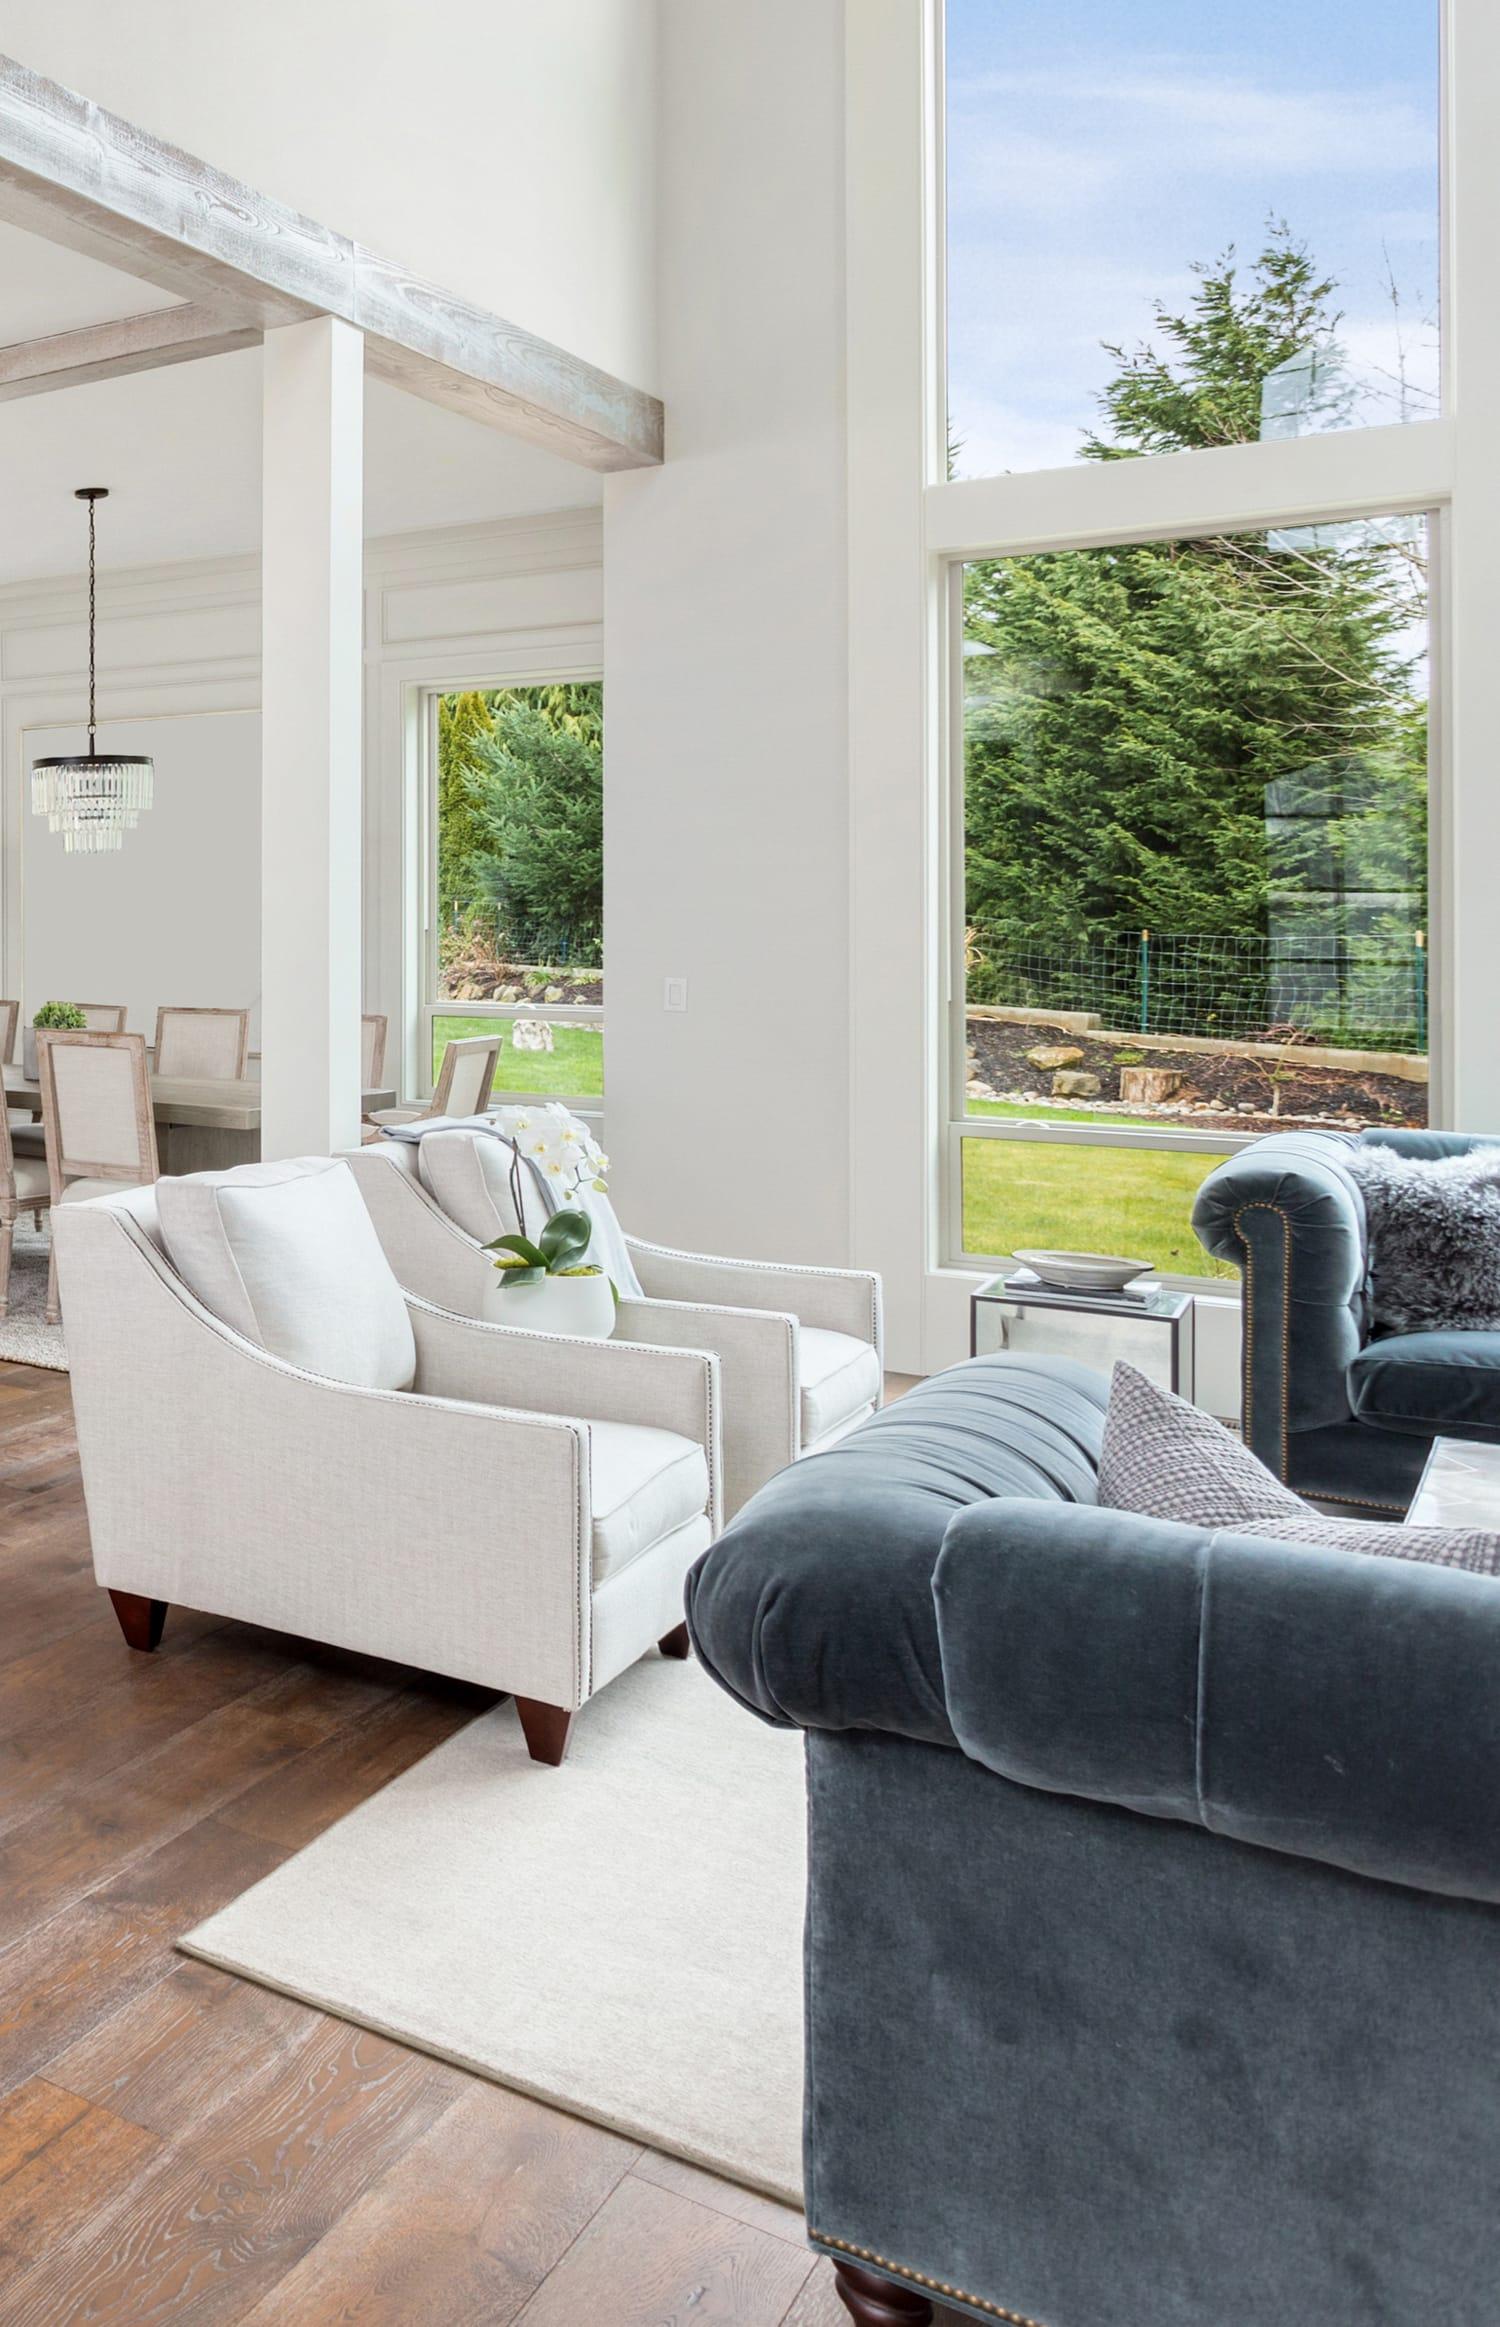 Wohnzimmer mit Gartenblick - ein Job für den Immobilienmakler